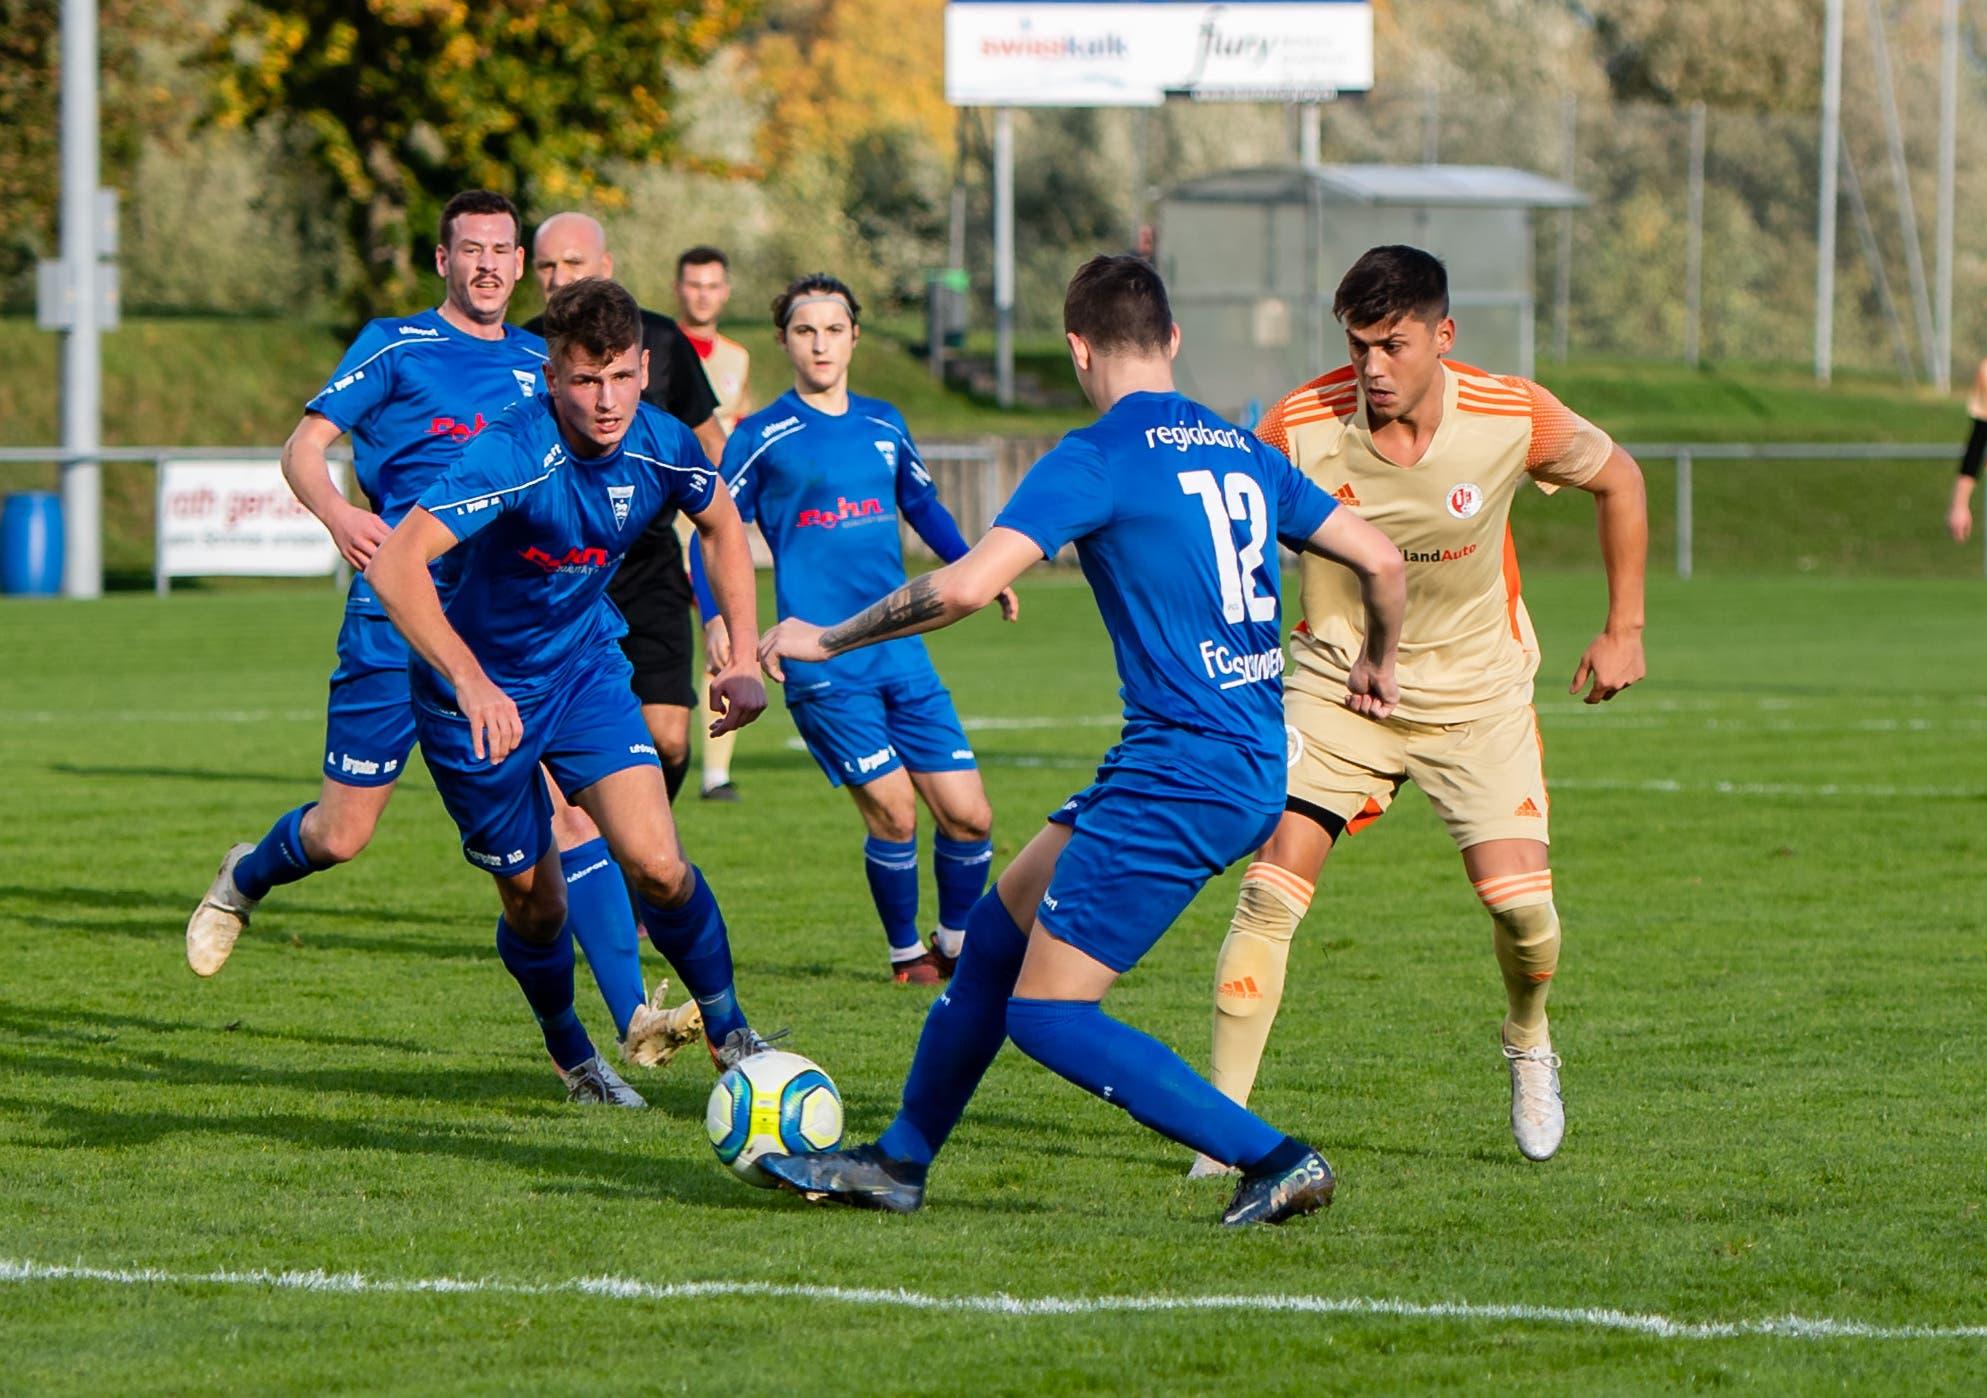 Der FC Wangen gewinnt am neunten Spieltag in Subingen mit 1:0.